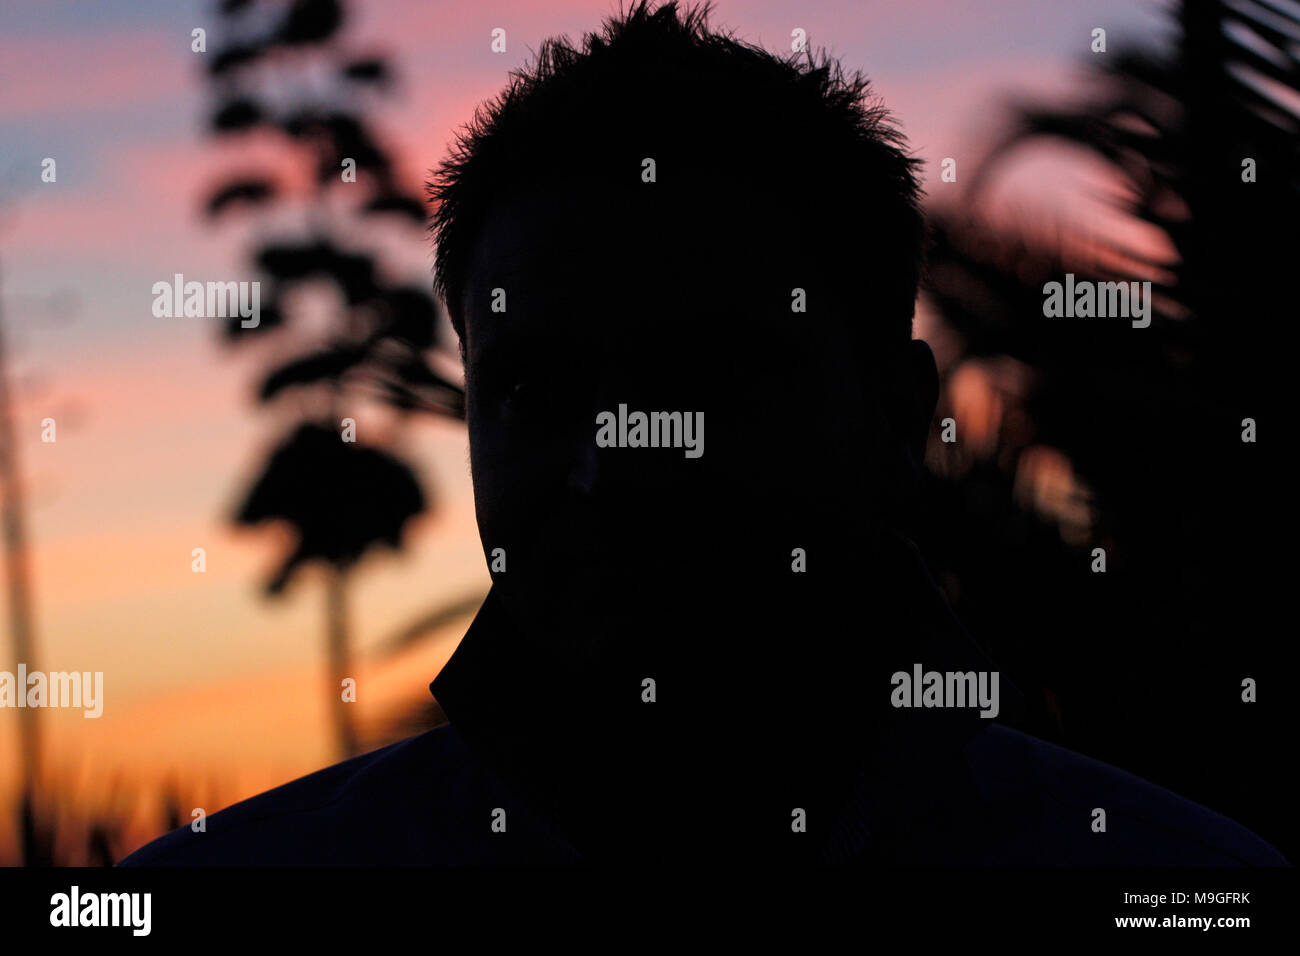 Ambiance coucher de soleil, de palmiers shadows Photo Stock